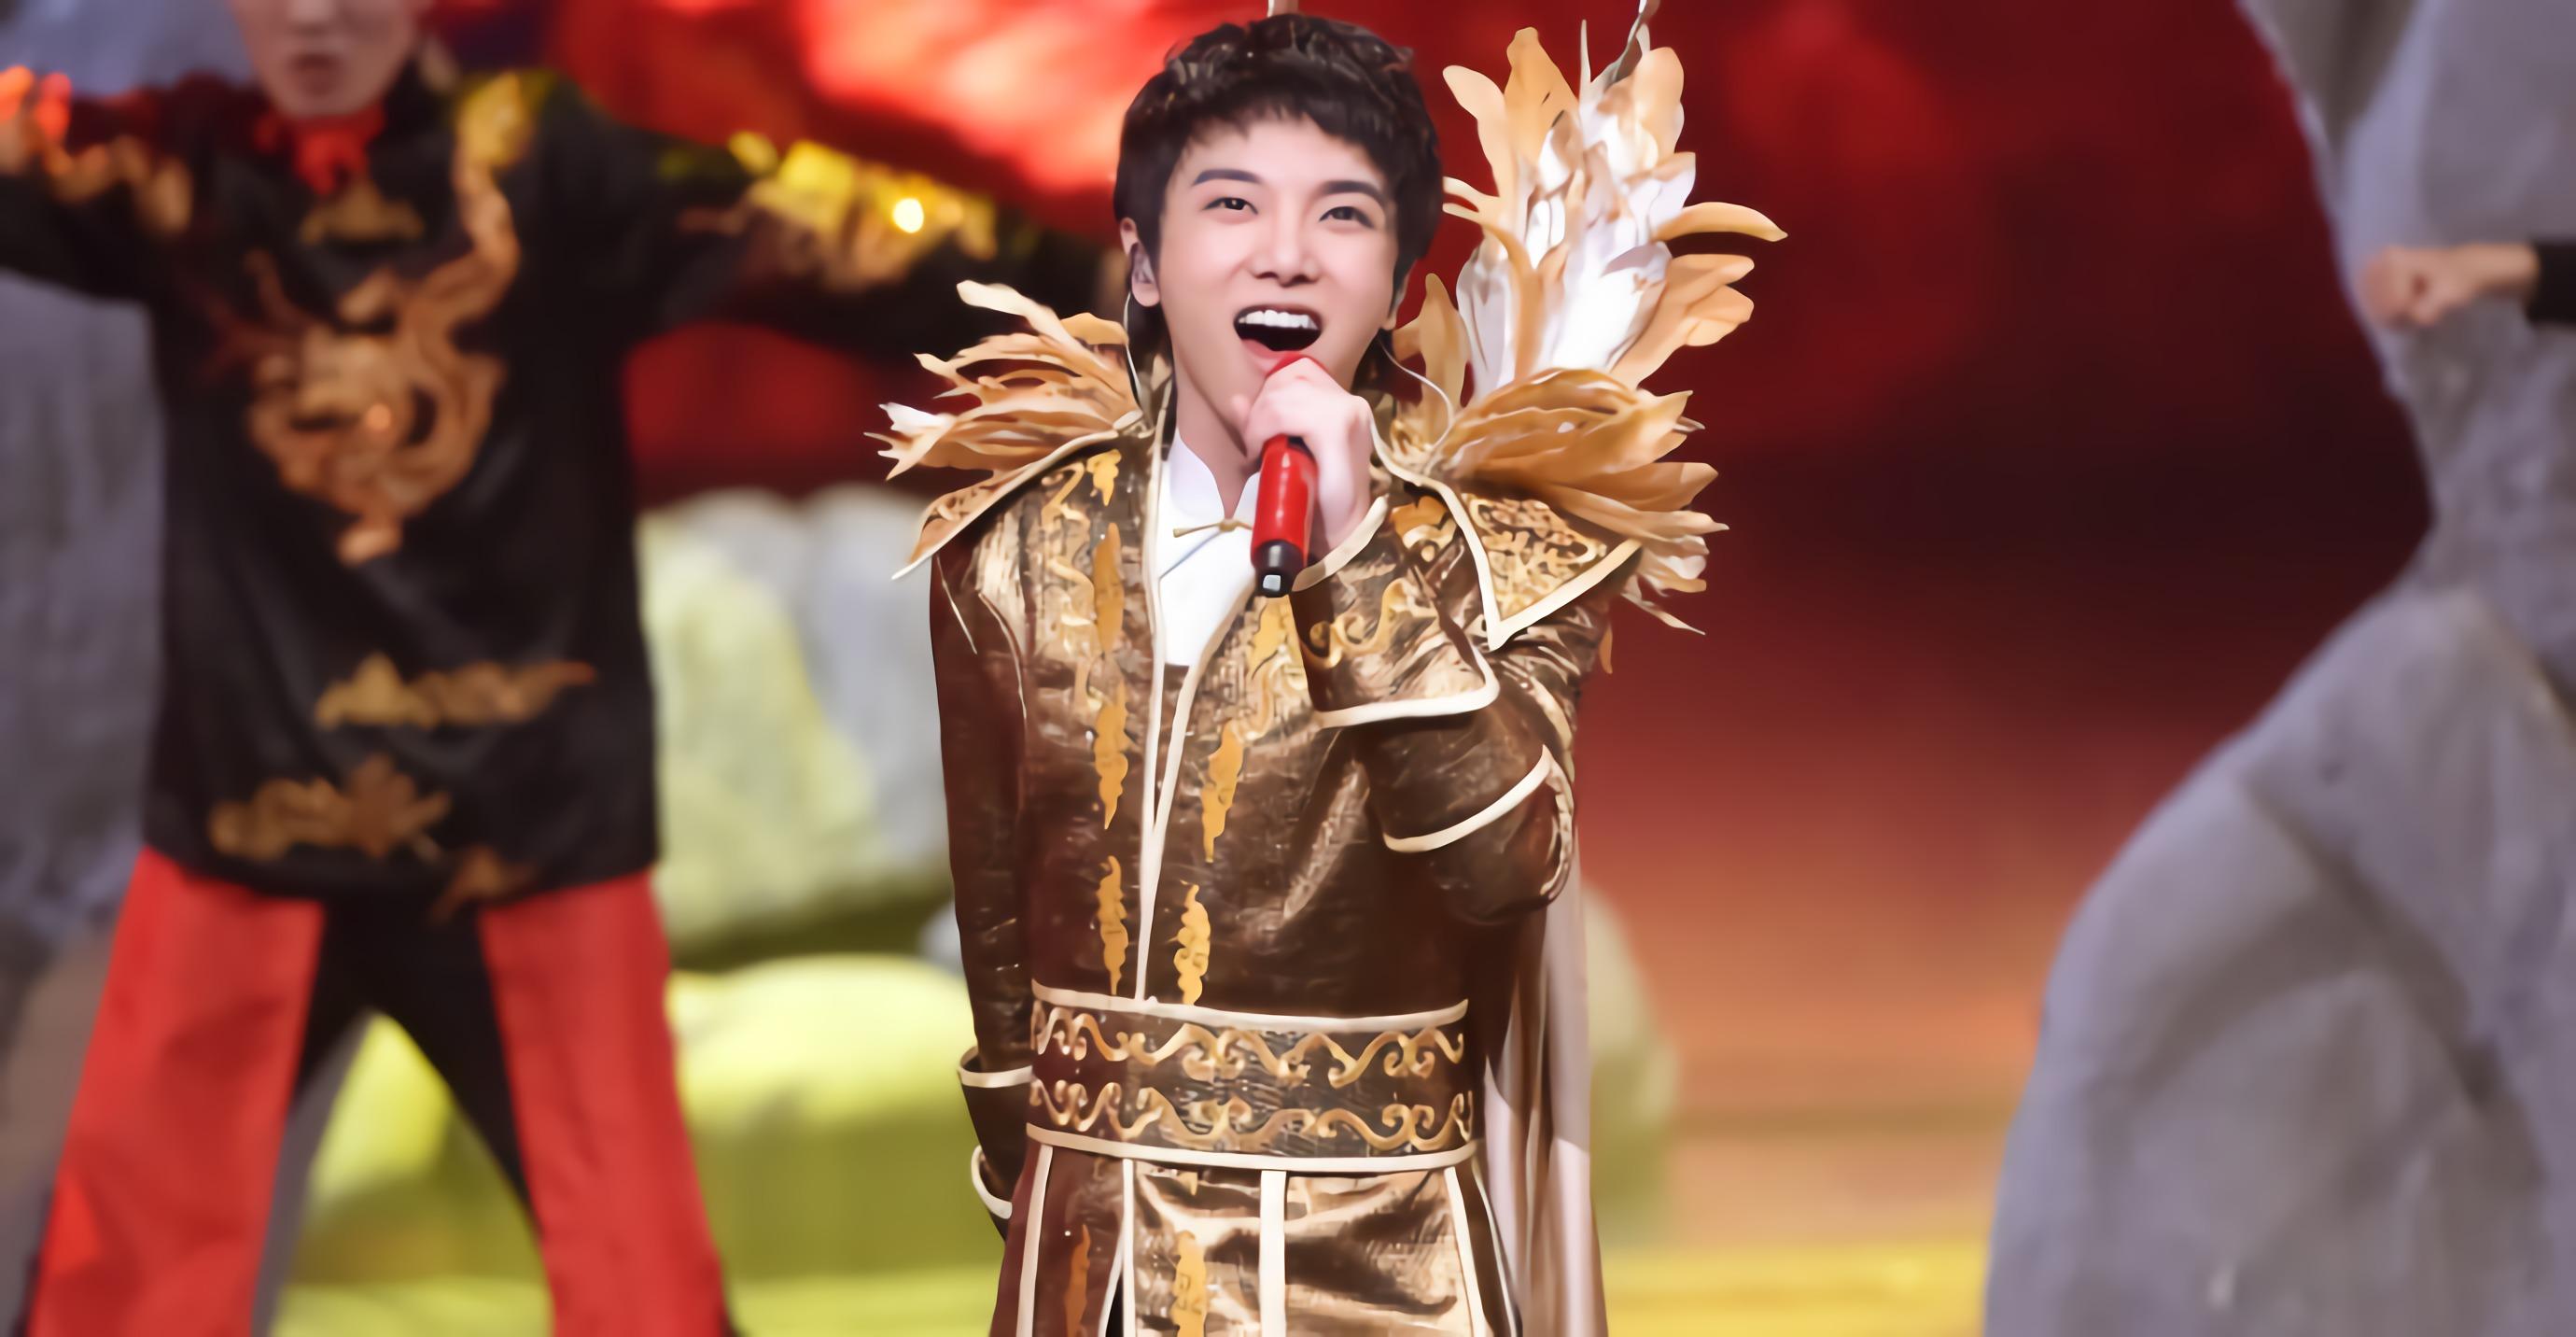 华晨宇的乐坛逆袭,简直就是翻版的美猴王大闹天宫